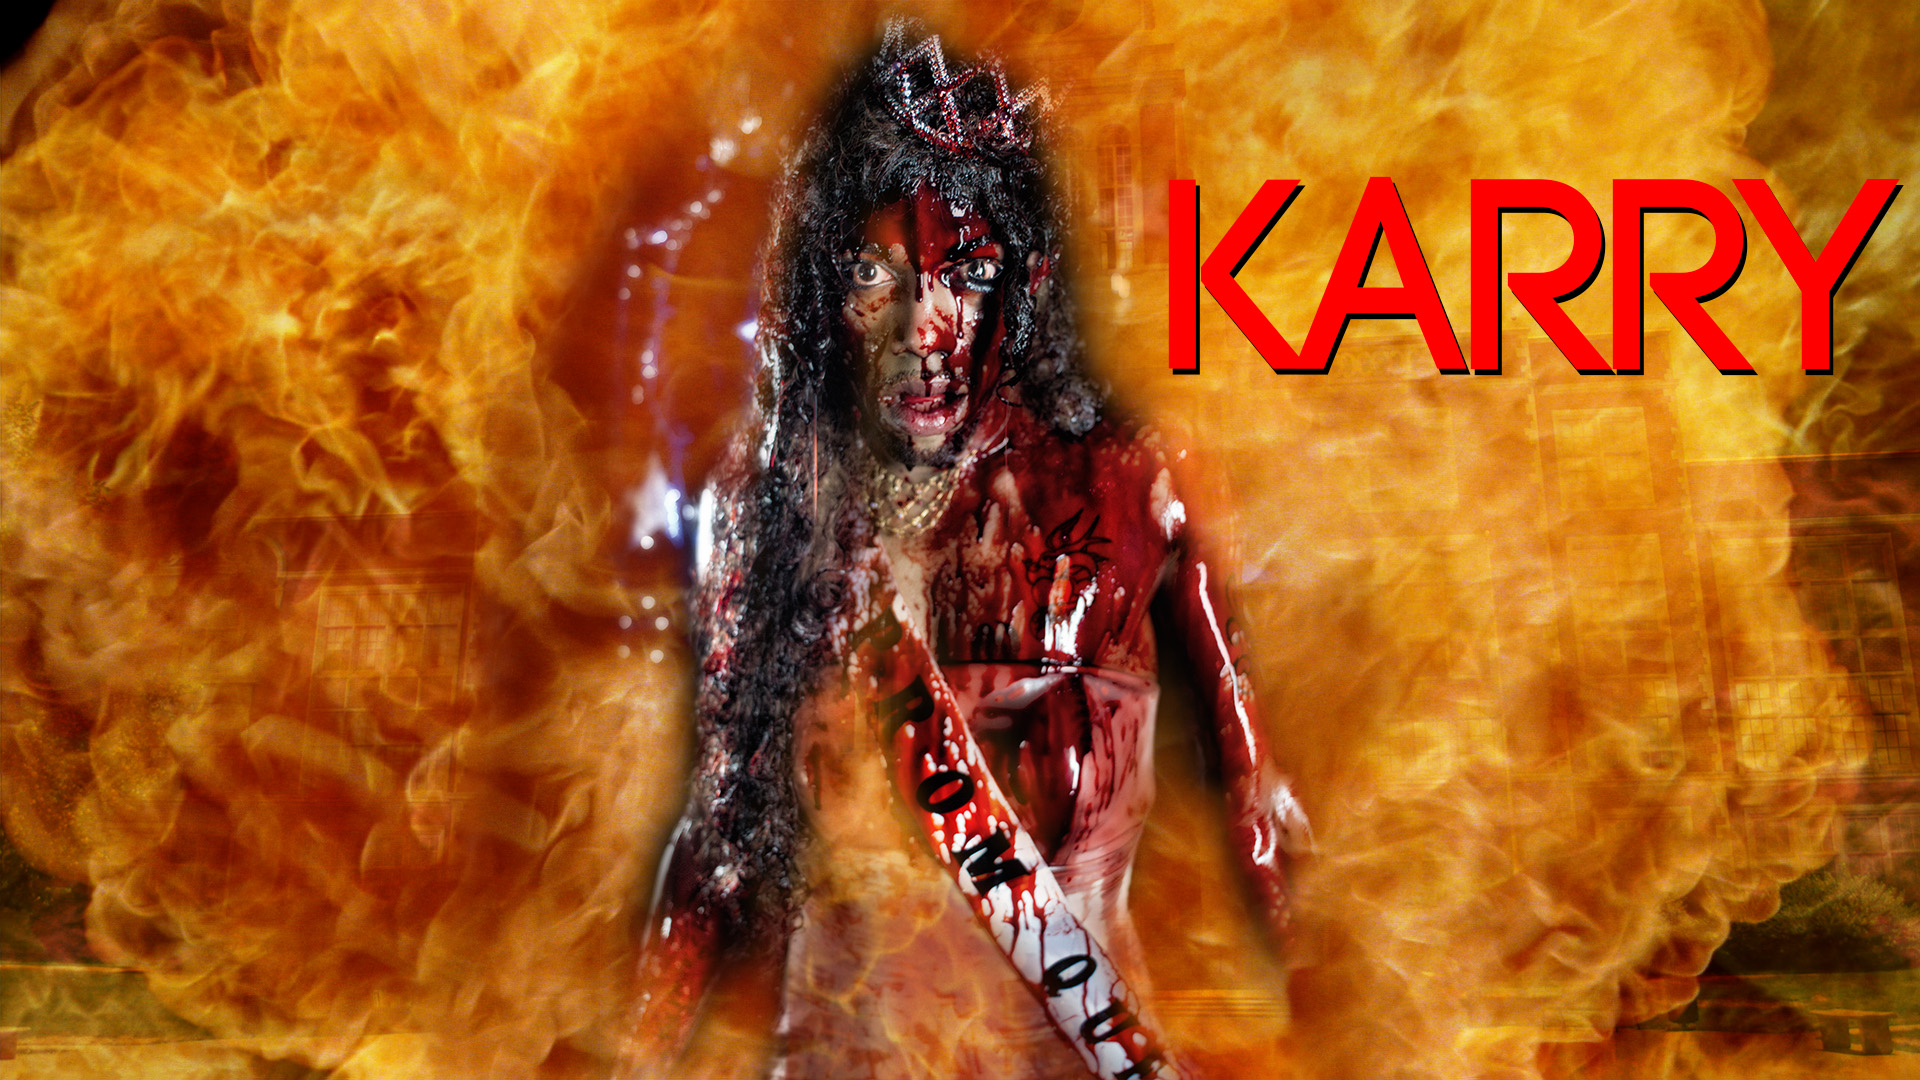 Karry_poster.jpg